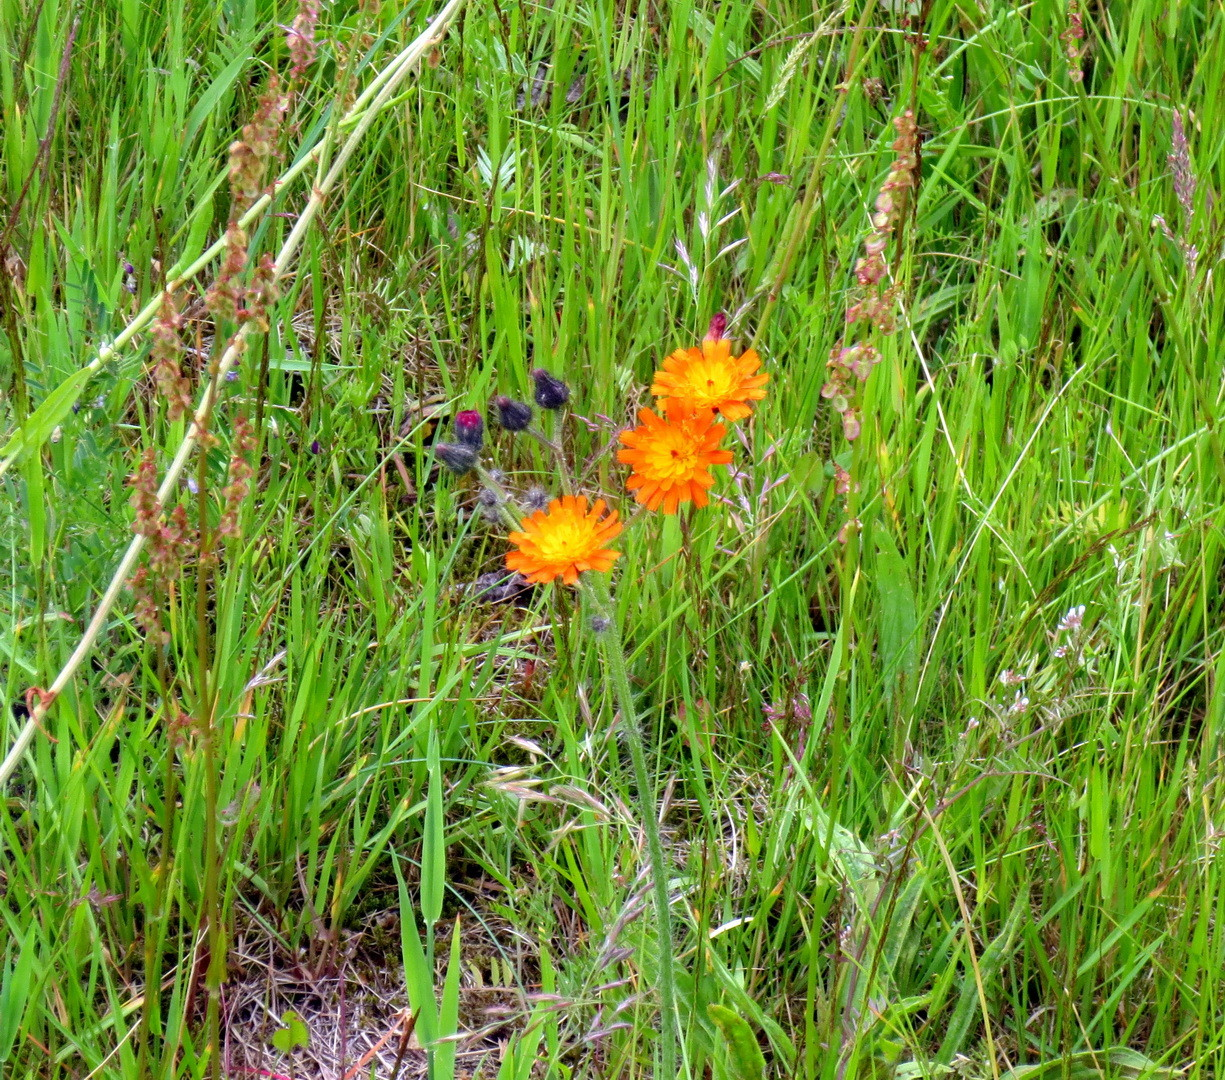 Orangerotes Habichtskraut (Hieracium aurantiacum) Juni 2015